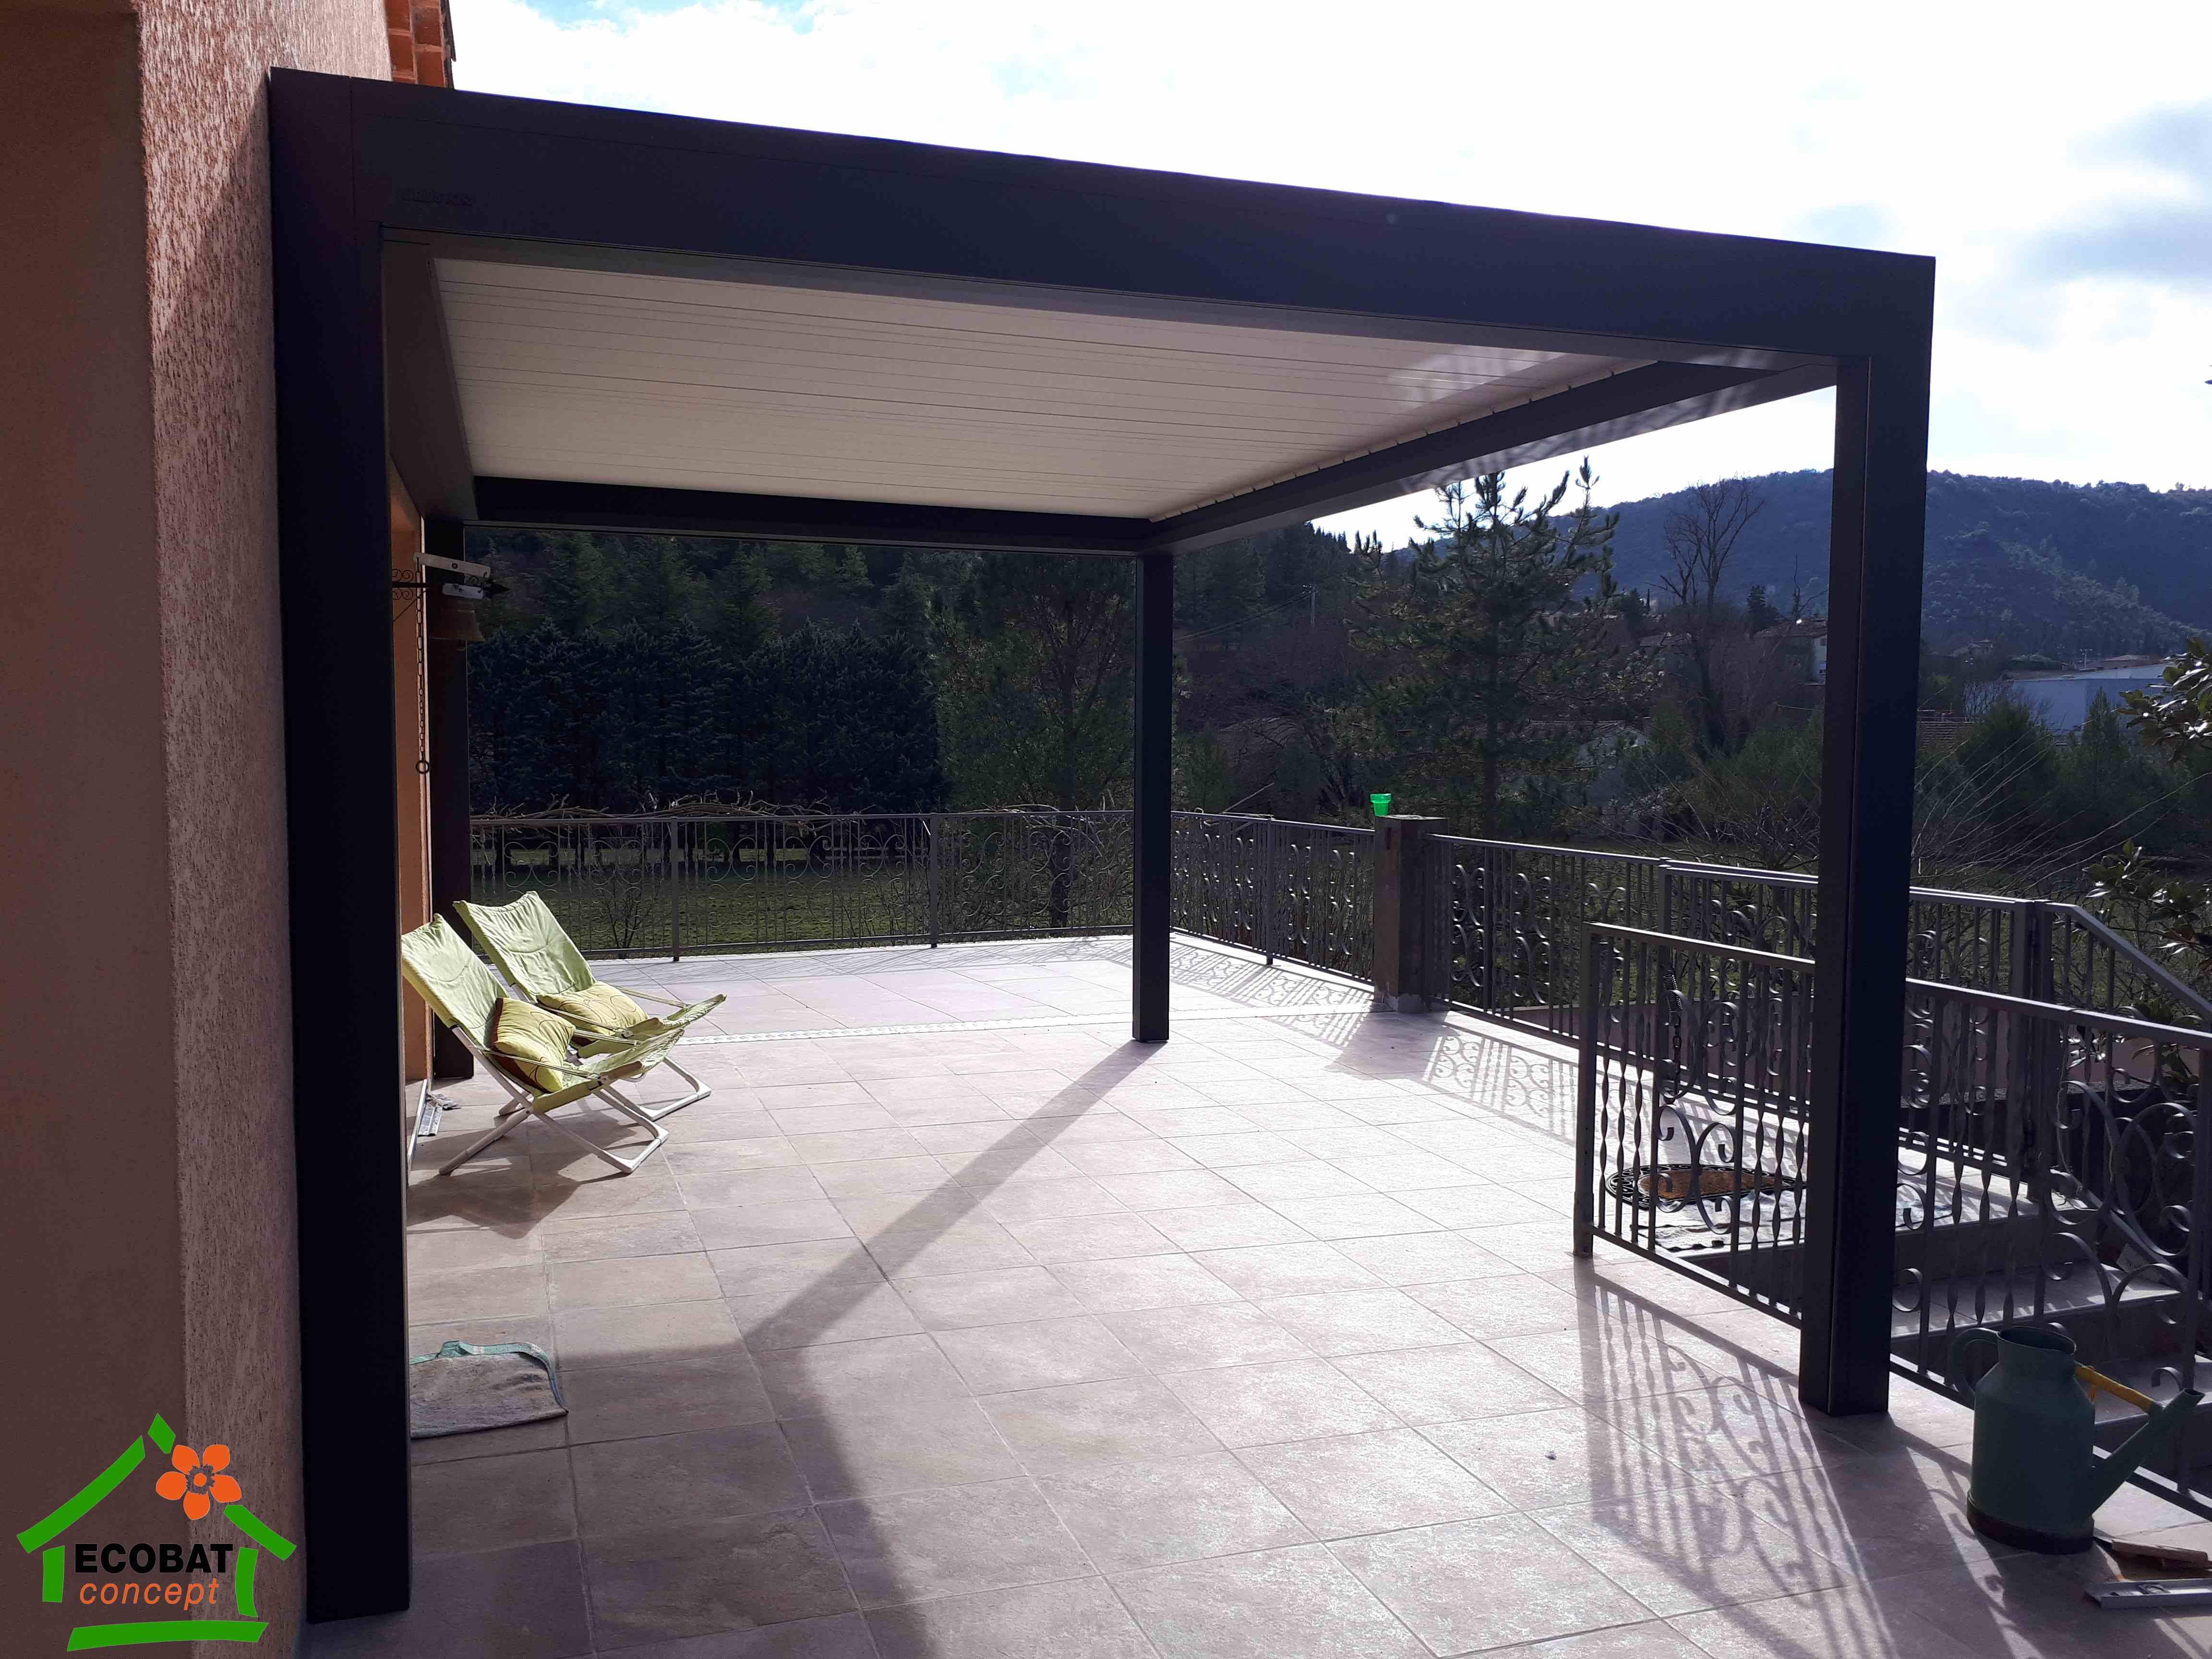 eclairage exterieur led pour pergola excellent eclairage exterieur terrasse fashion designs. Black Bedroom Furniture Sets. Home Design Ideas